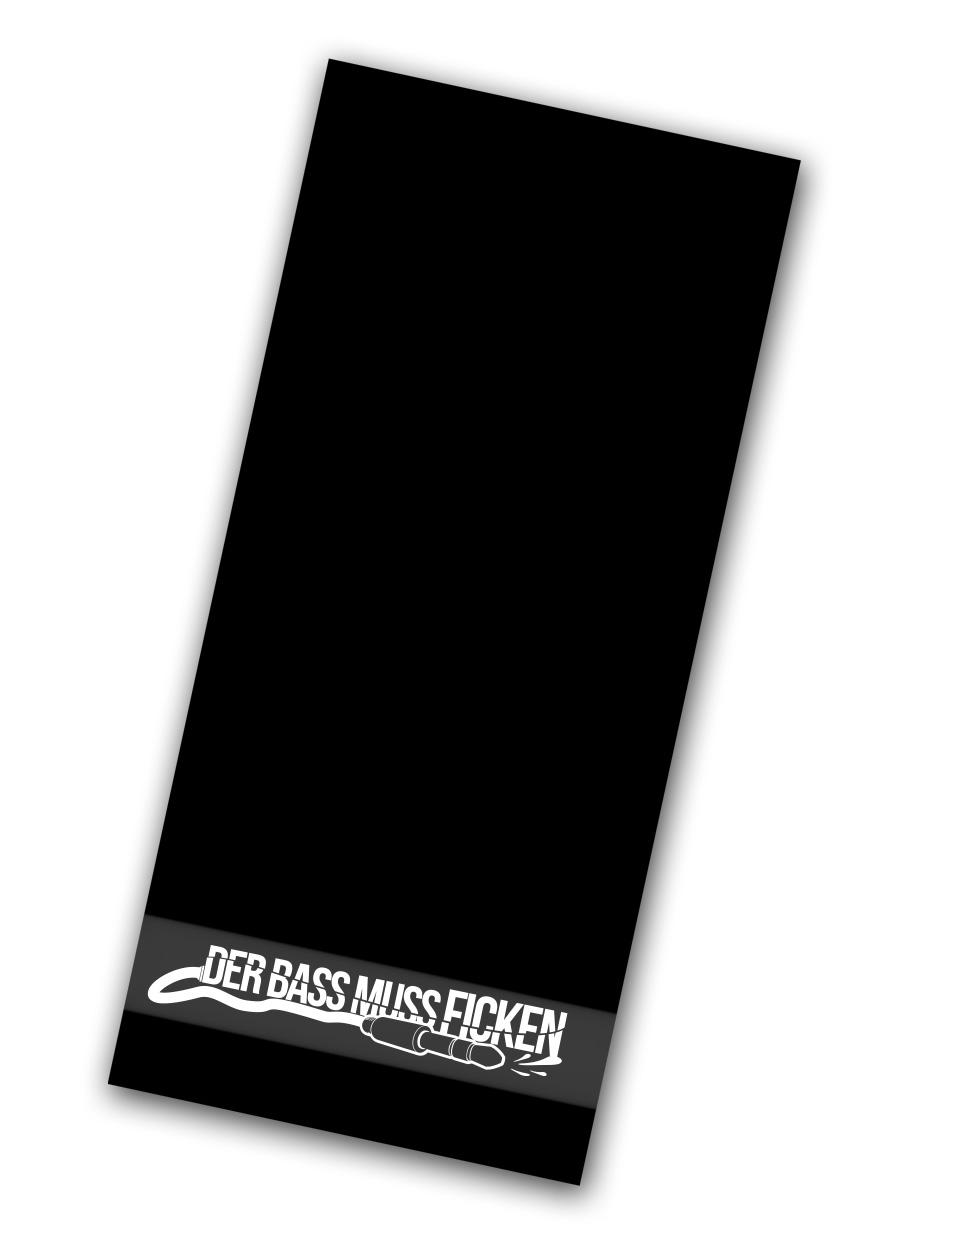 Der Bass muss ficken Handtuch weiß auf schwarz